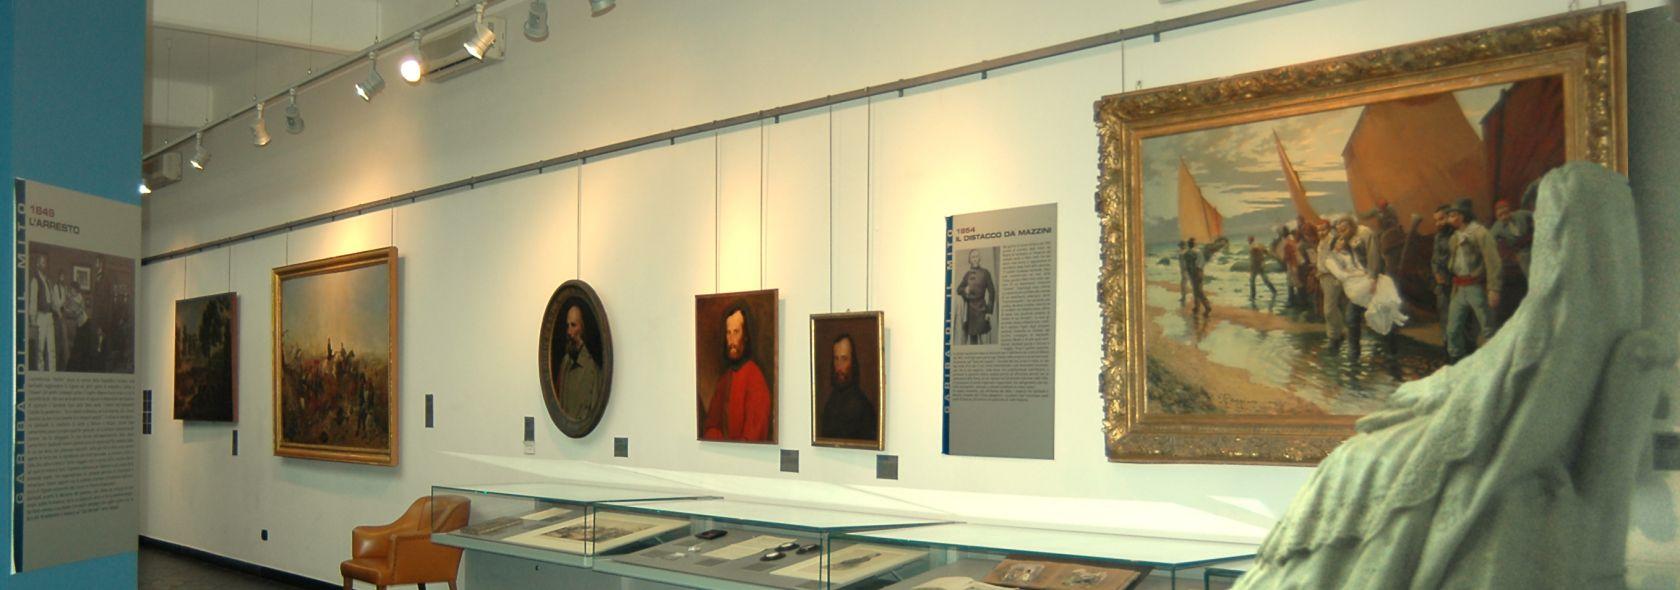 Museo del Risorgimento - salone